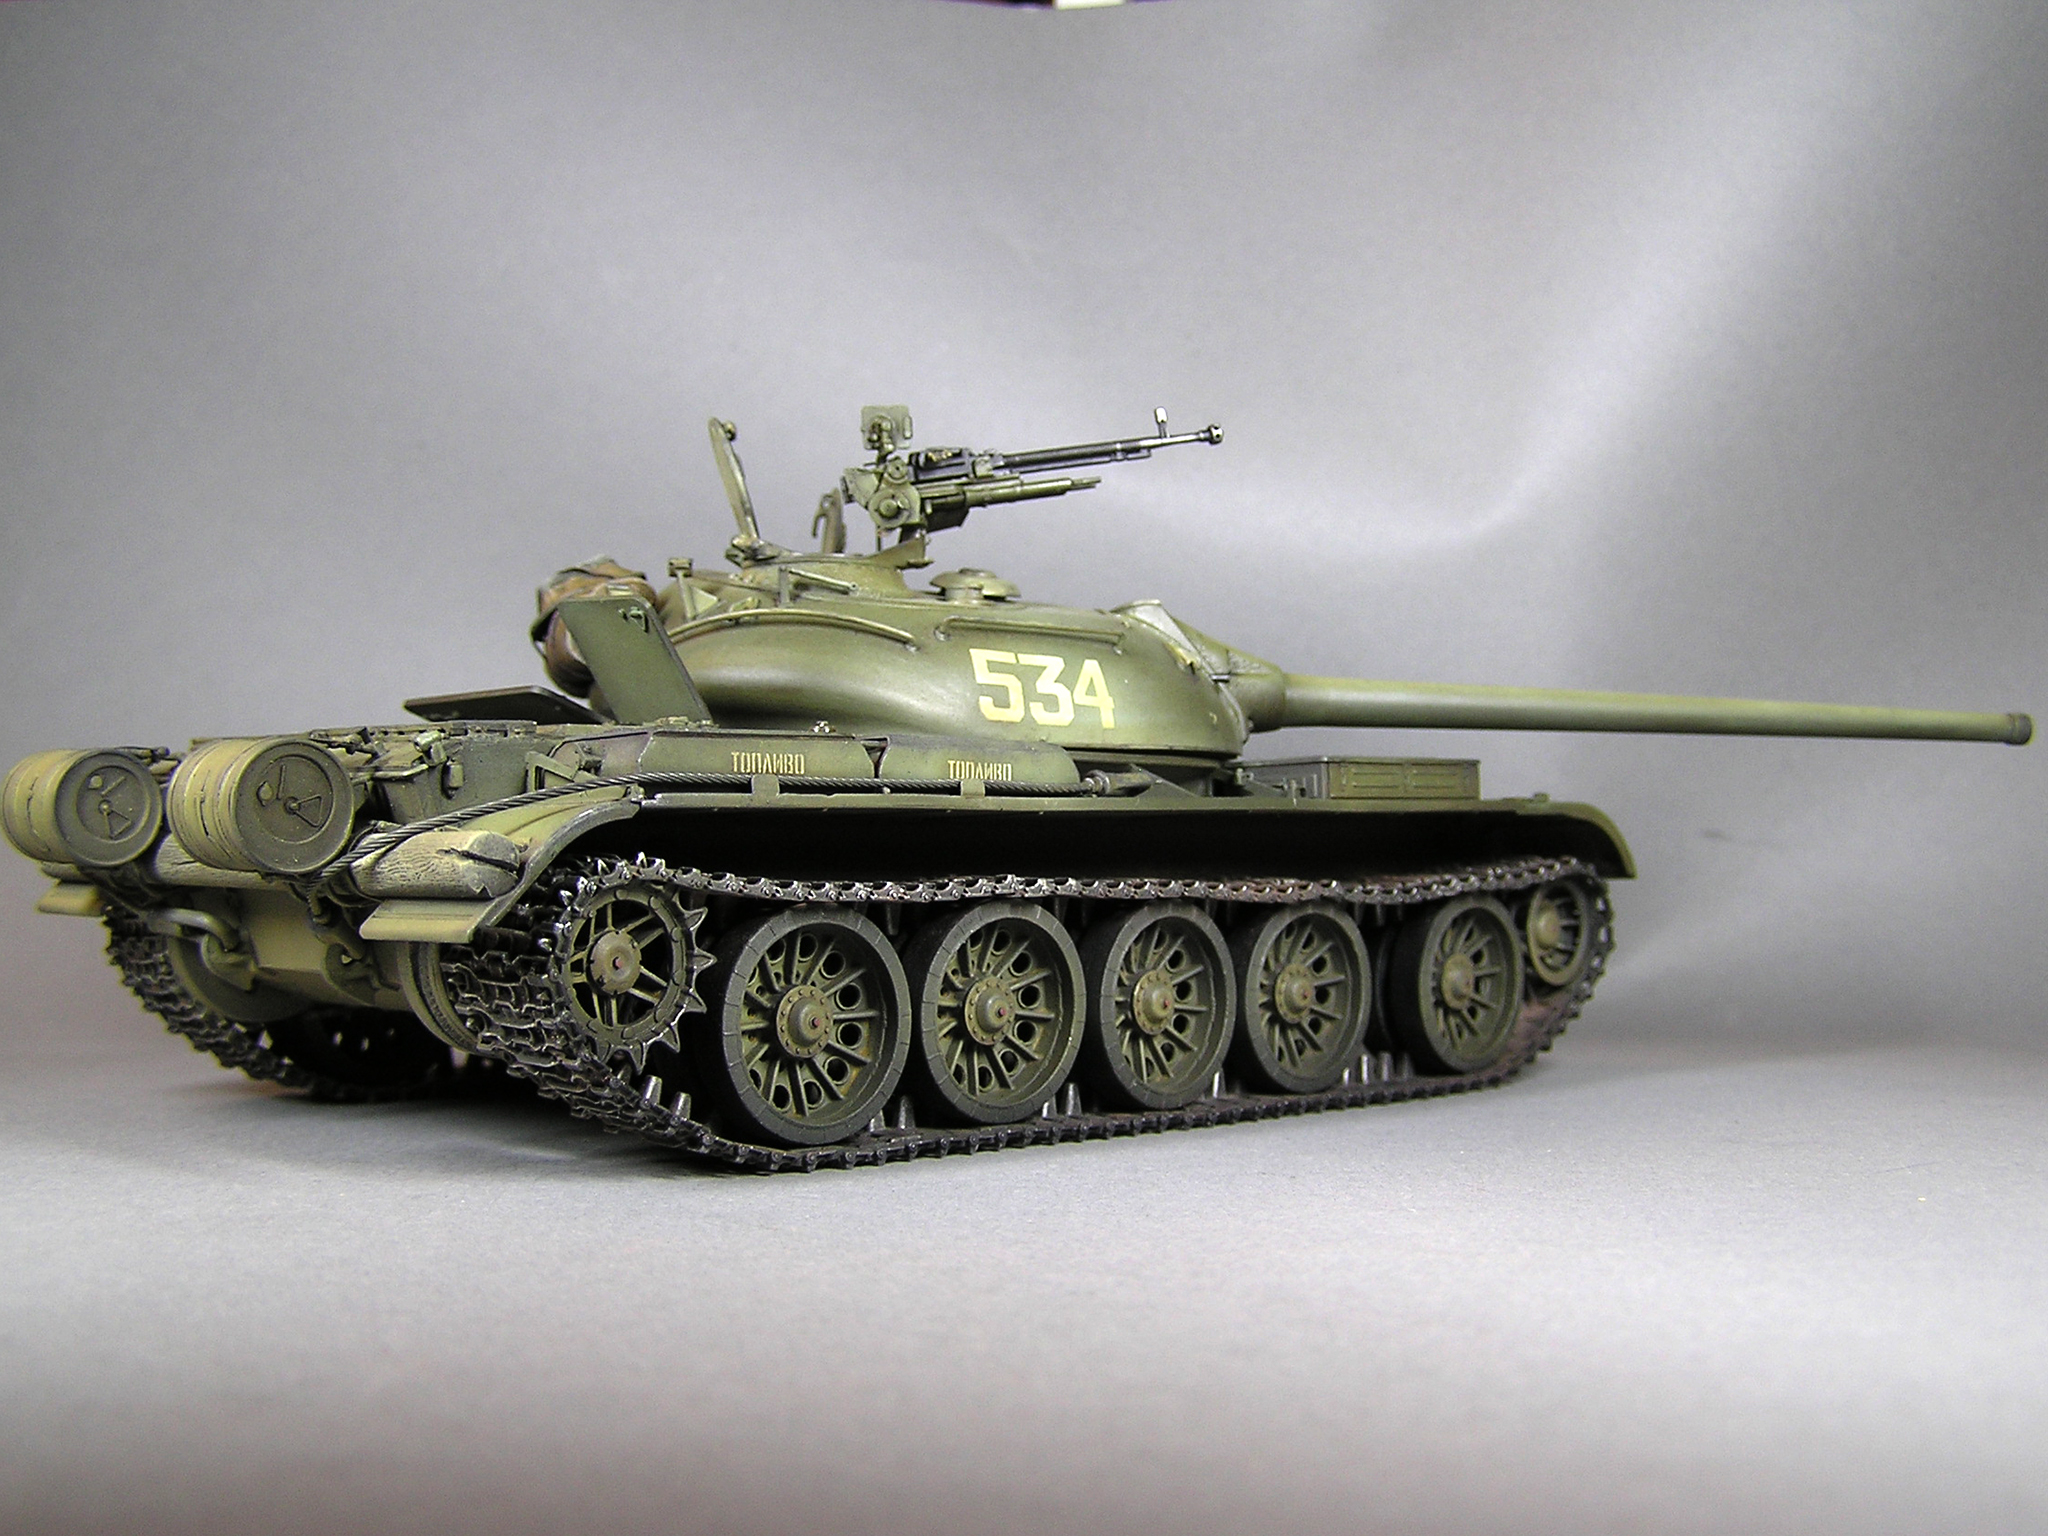 37004 T-54-2 Mod. 1949 SOVIET MEDIUM TANK. INTERIOR KIT